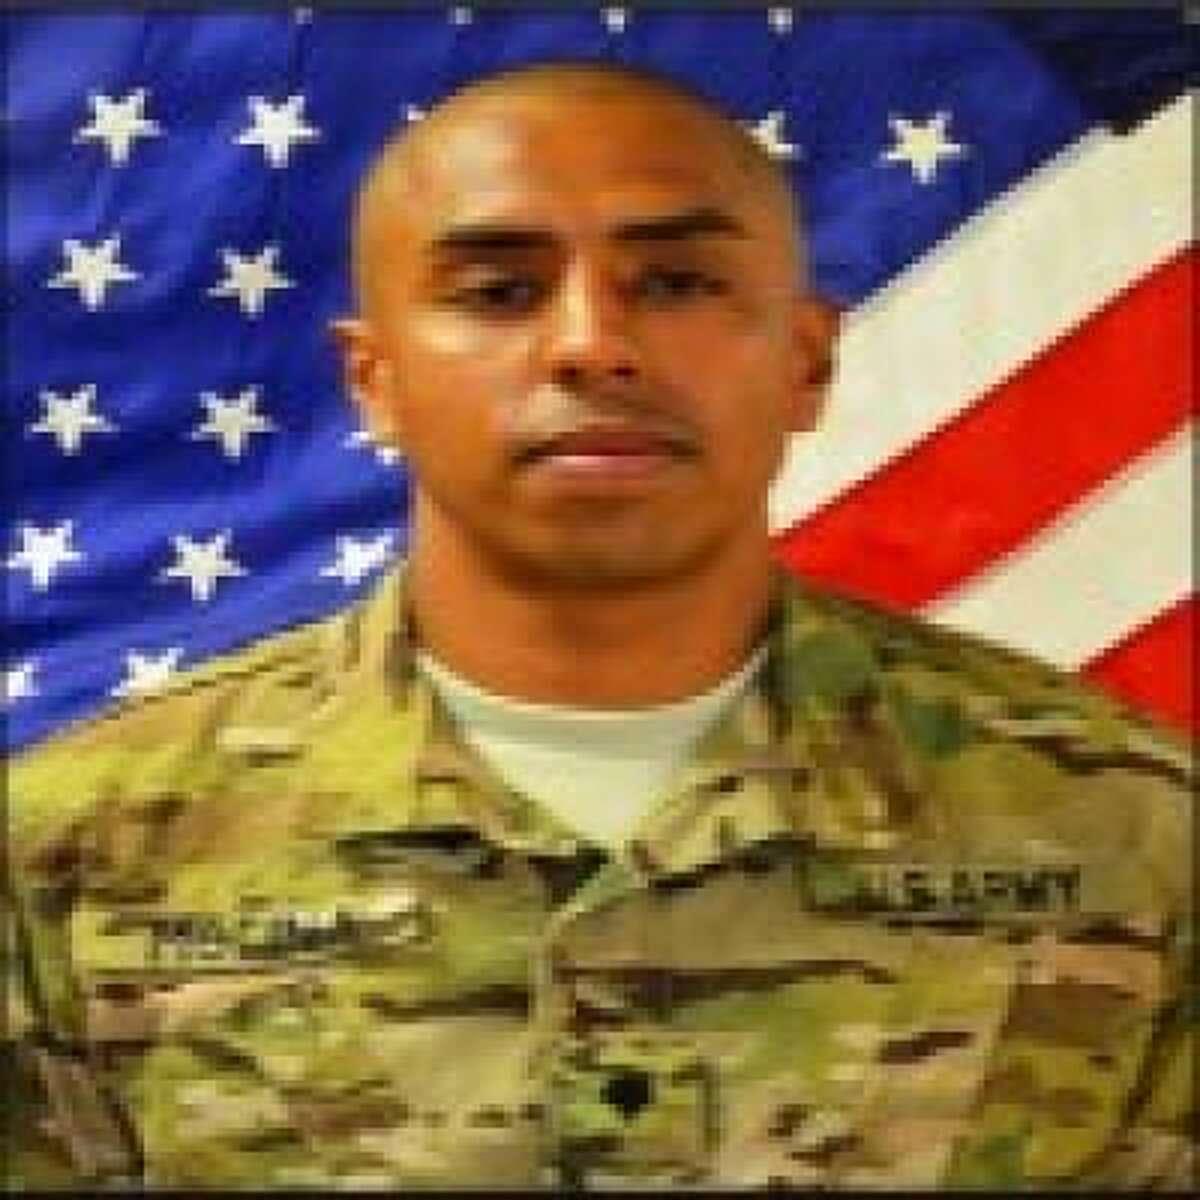 Jacob Molina, de 27 años, murió víctima de una bomba en la provincia de Kunar, en Afganistán.